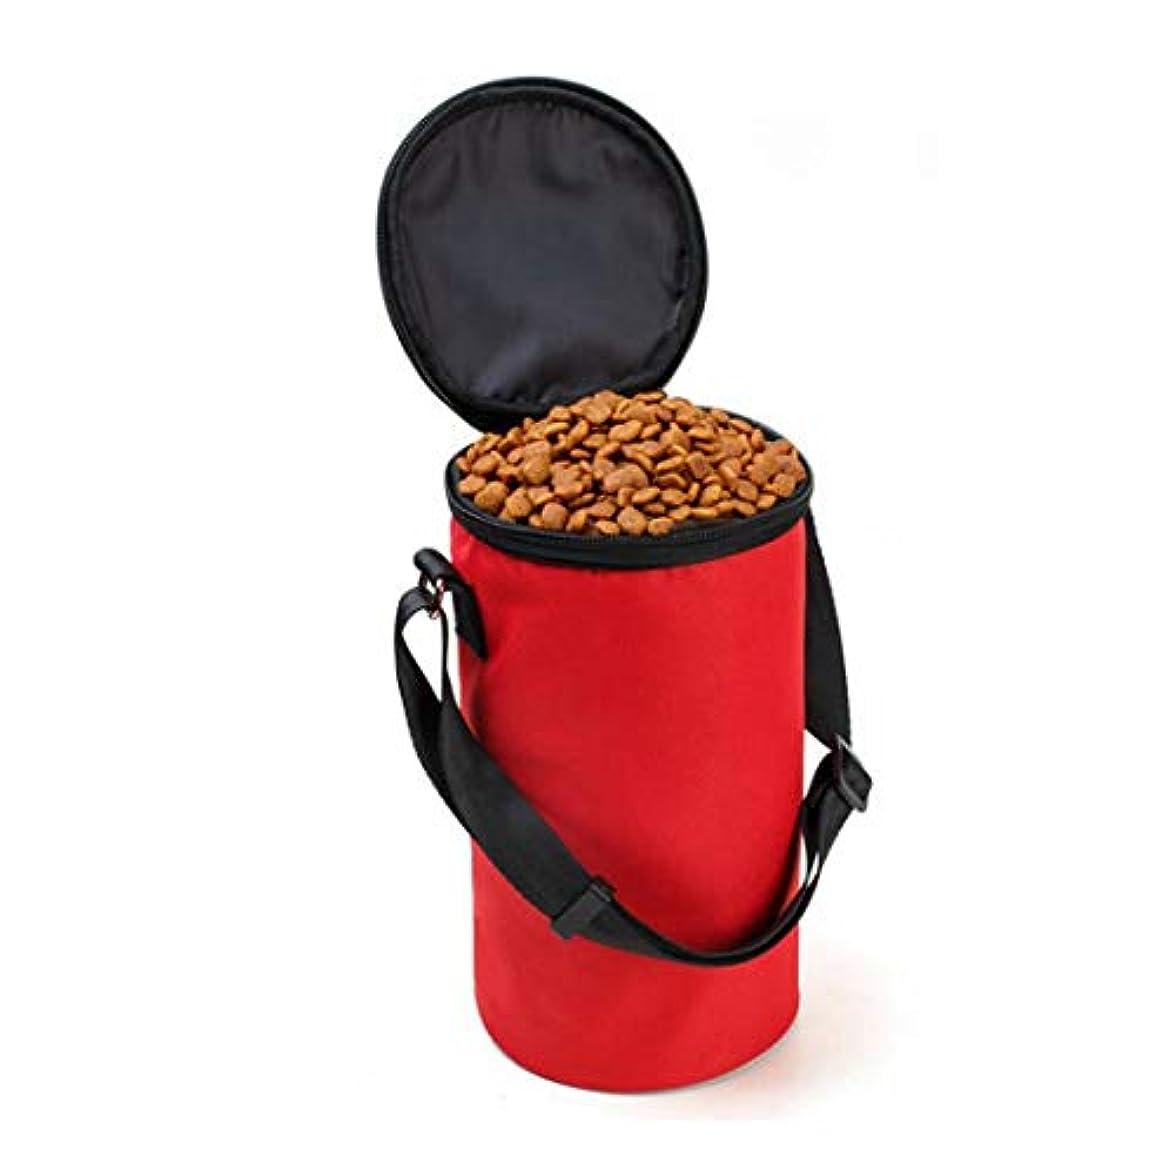 曲線ラフレシアアルノルディ履歴書CAFUTY ペット携帯ボウル 折り畳み式 防水 ペット用品 食器 犬/猫 アウトドア お出かけ用 旅行 (Color : レッド)